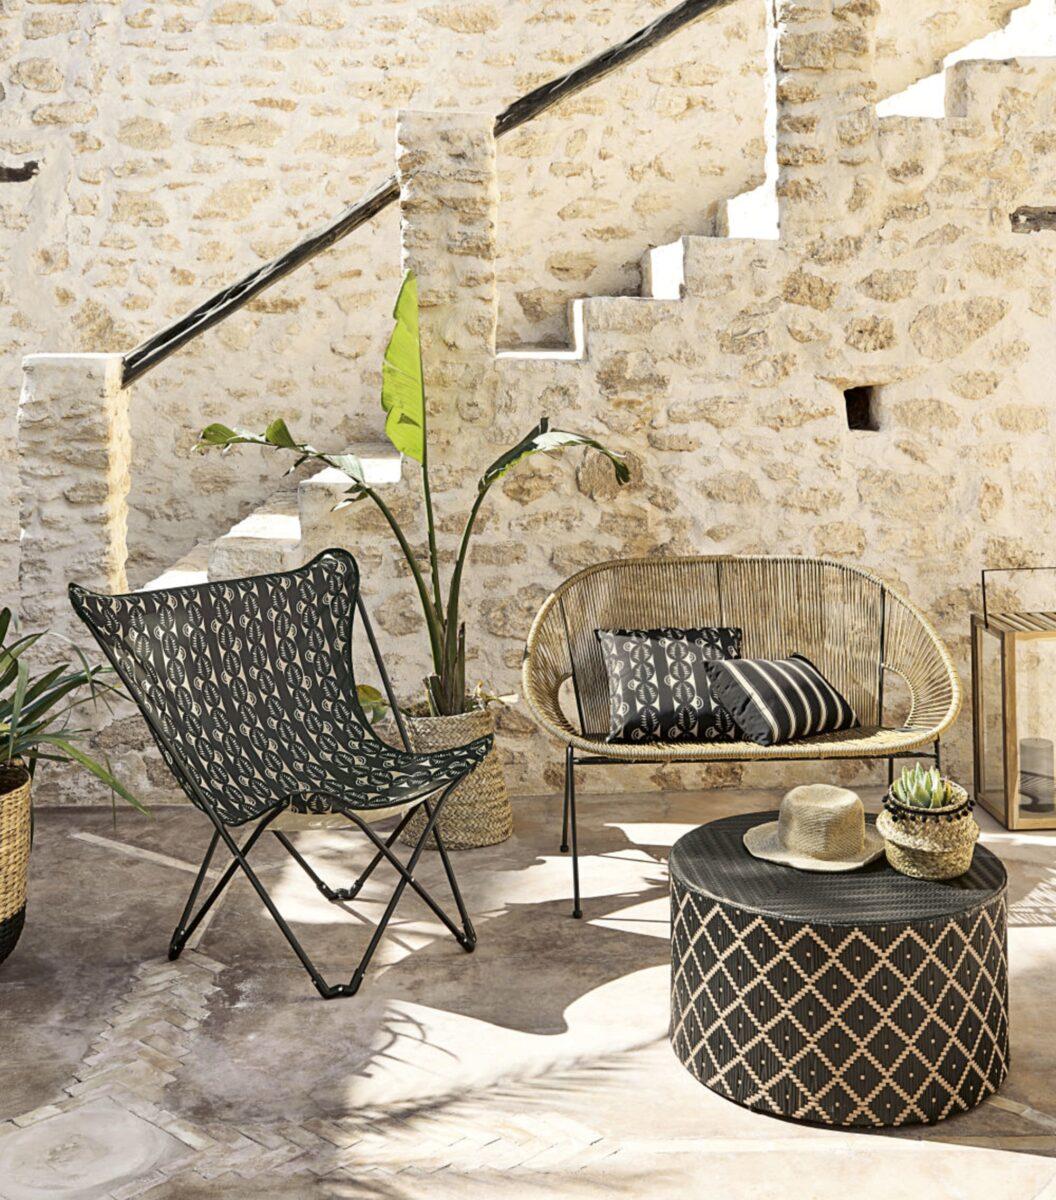 maisons-du-monde-estate-2020-poltrona-da-giardino-pieghevole-in-metallo-e-tela-stampata-nera